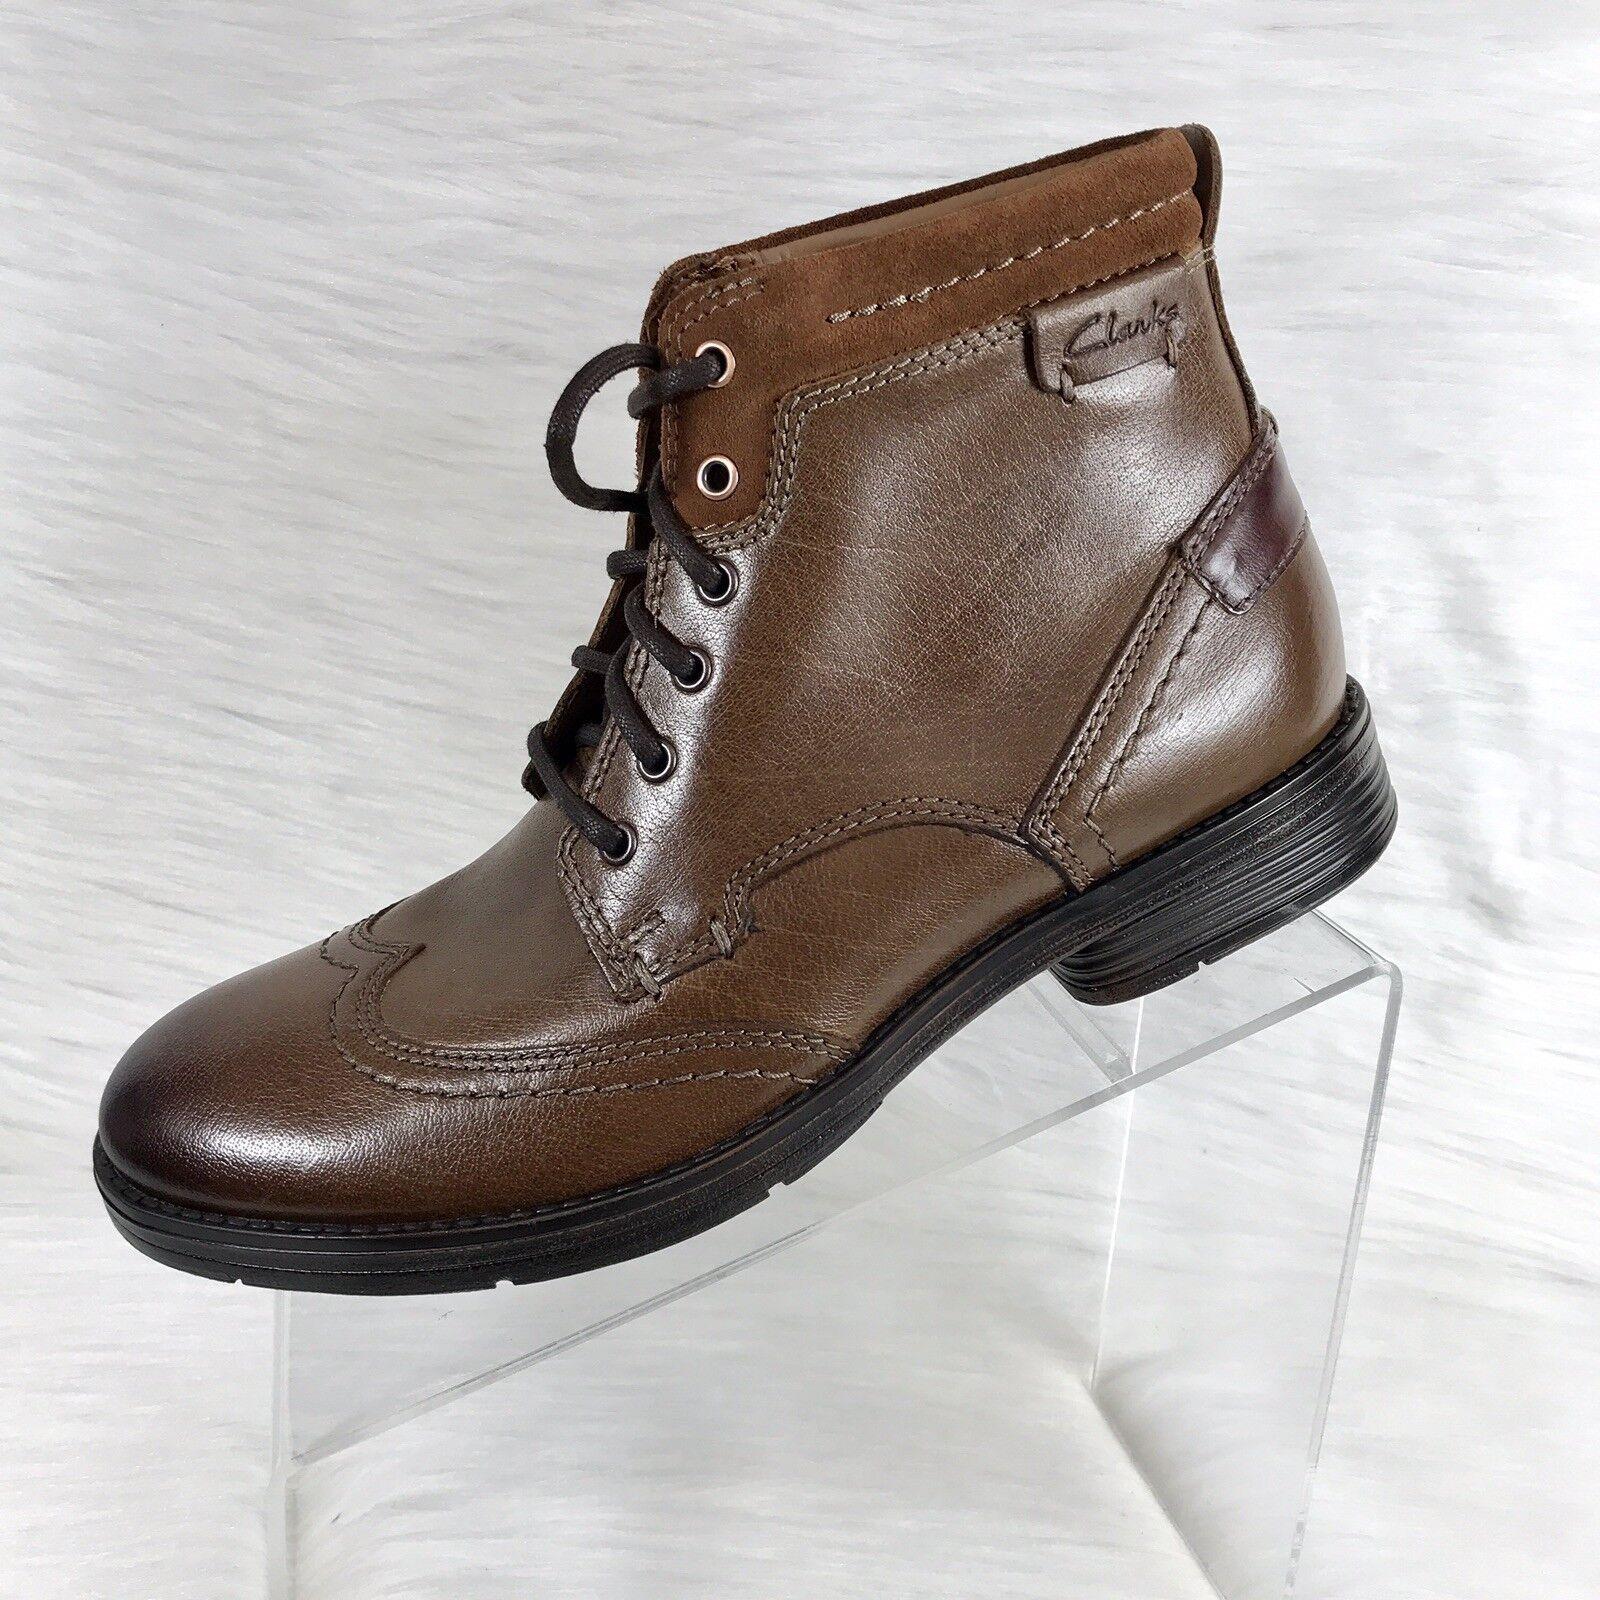 Clarks Collection botas al tobillo para hombre punta del ala Marrón Cuero M Nuevo